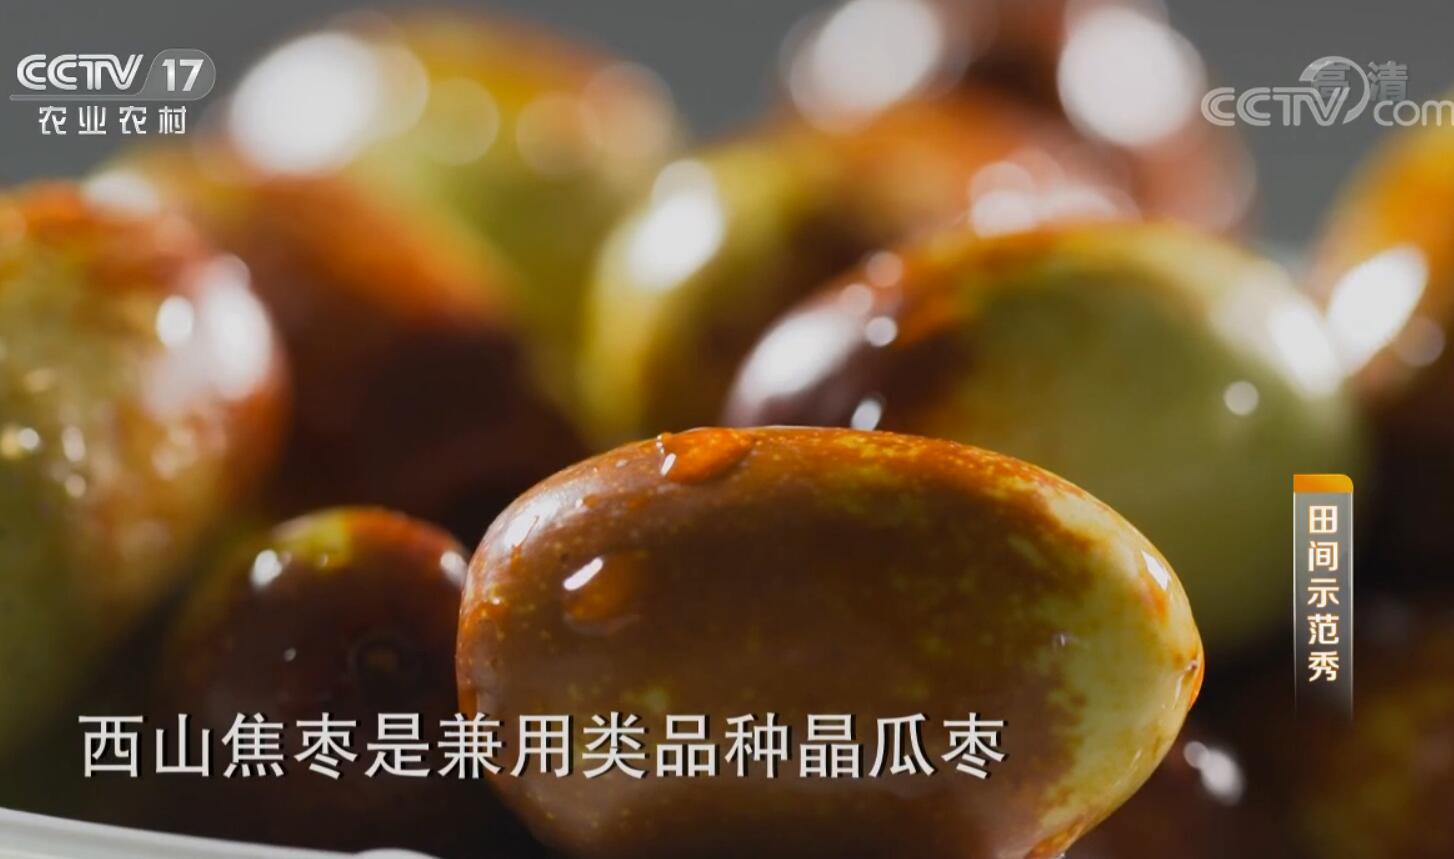 《田间示范秀》 20191015 西山焦枣的突围